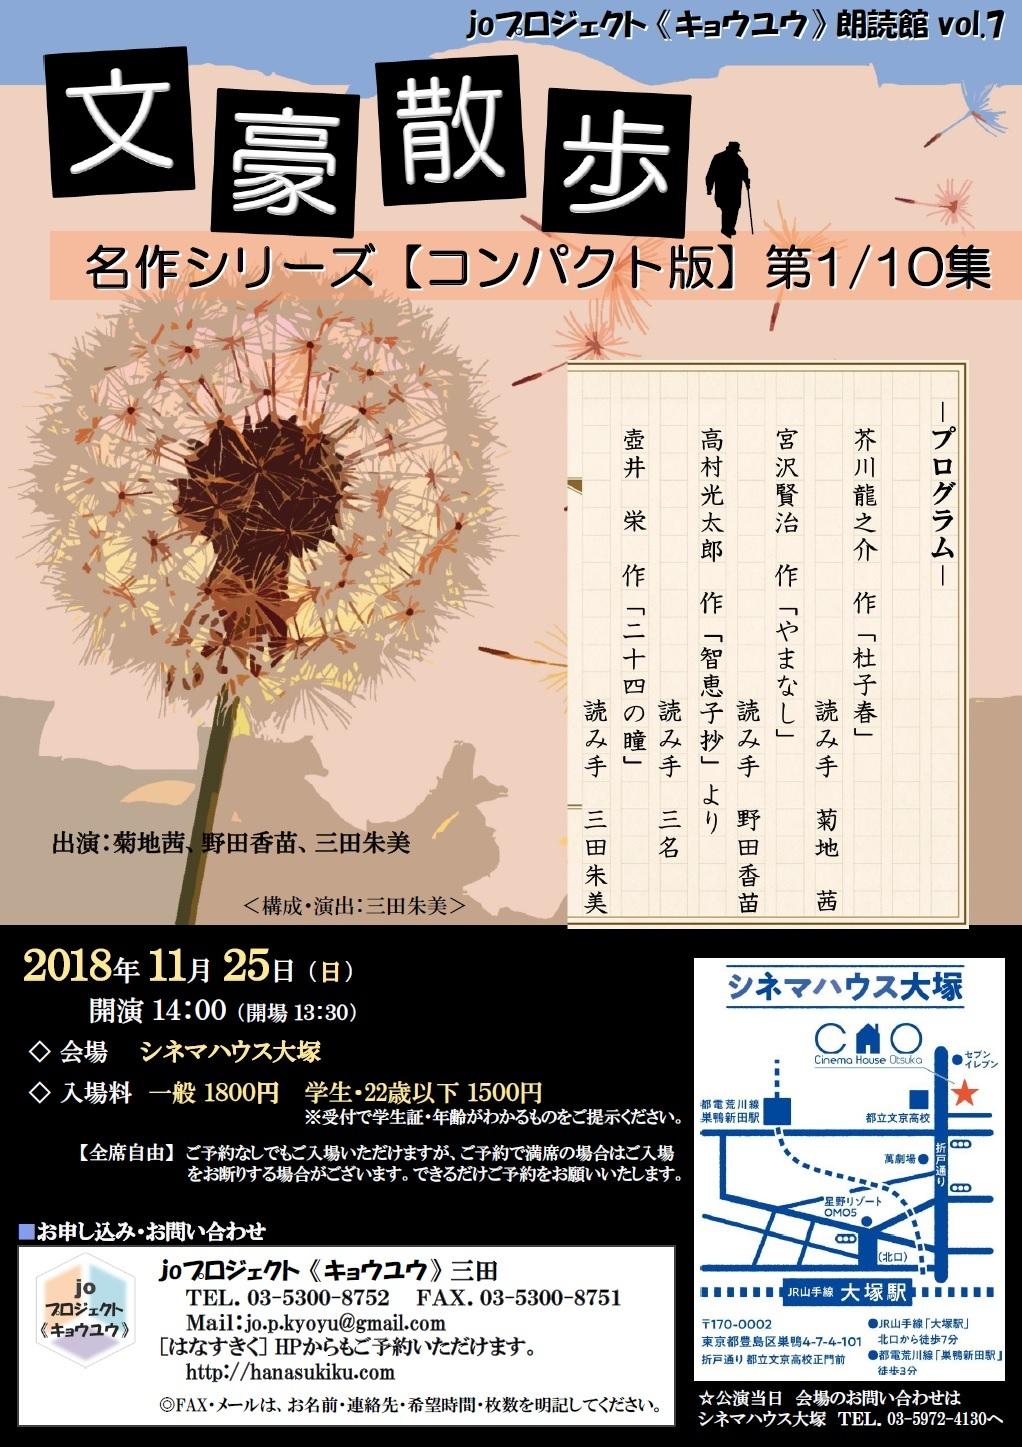 11月25日 朗読会に出演(in 東京)ご案内です。_e0173350_15380006.jpg